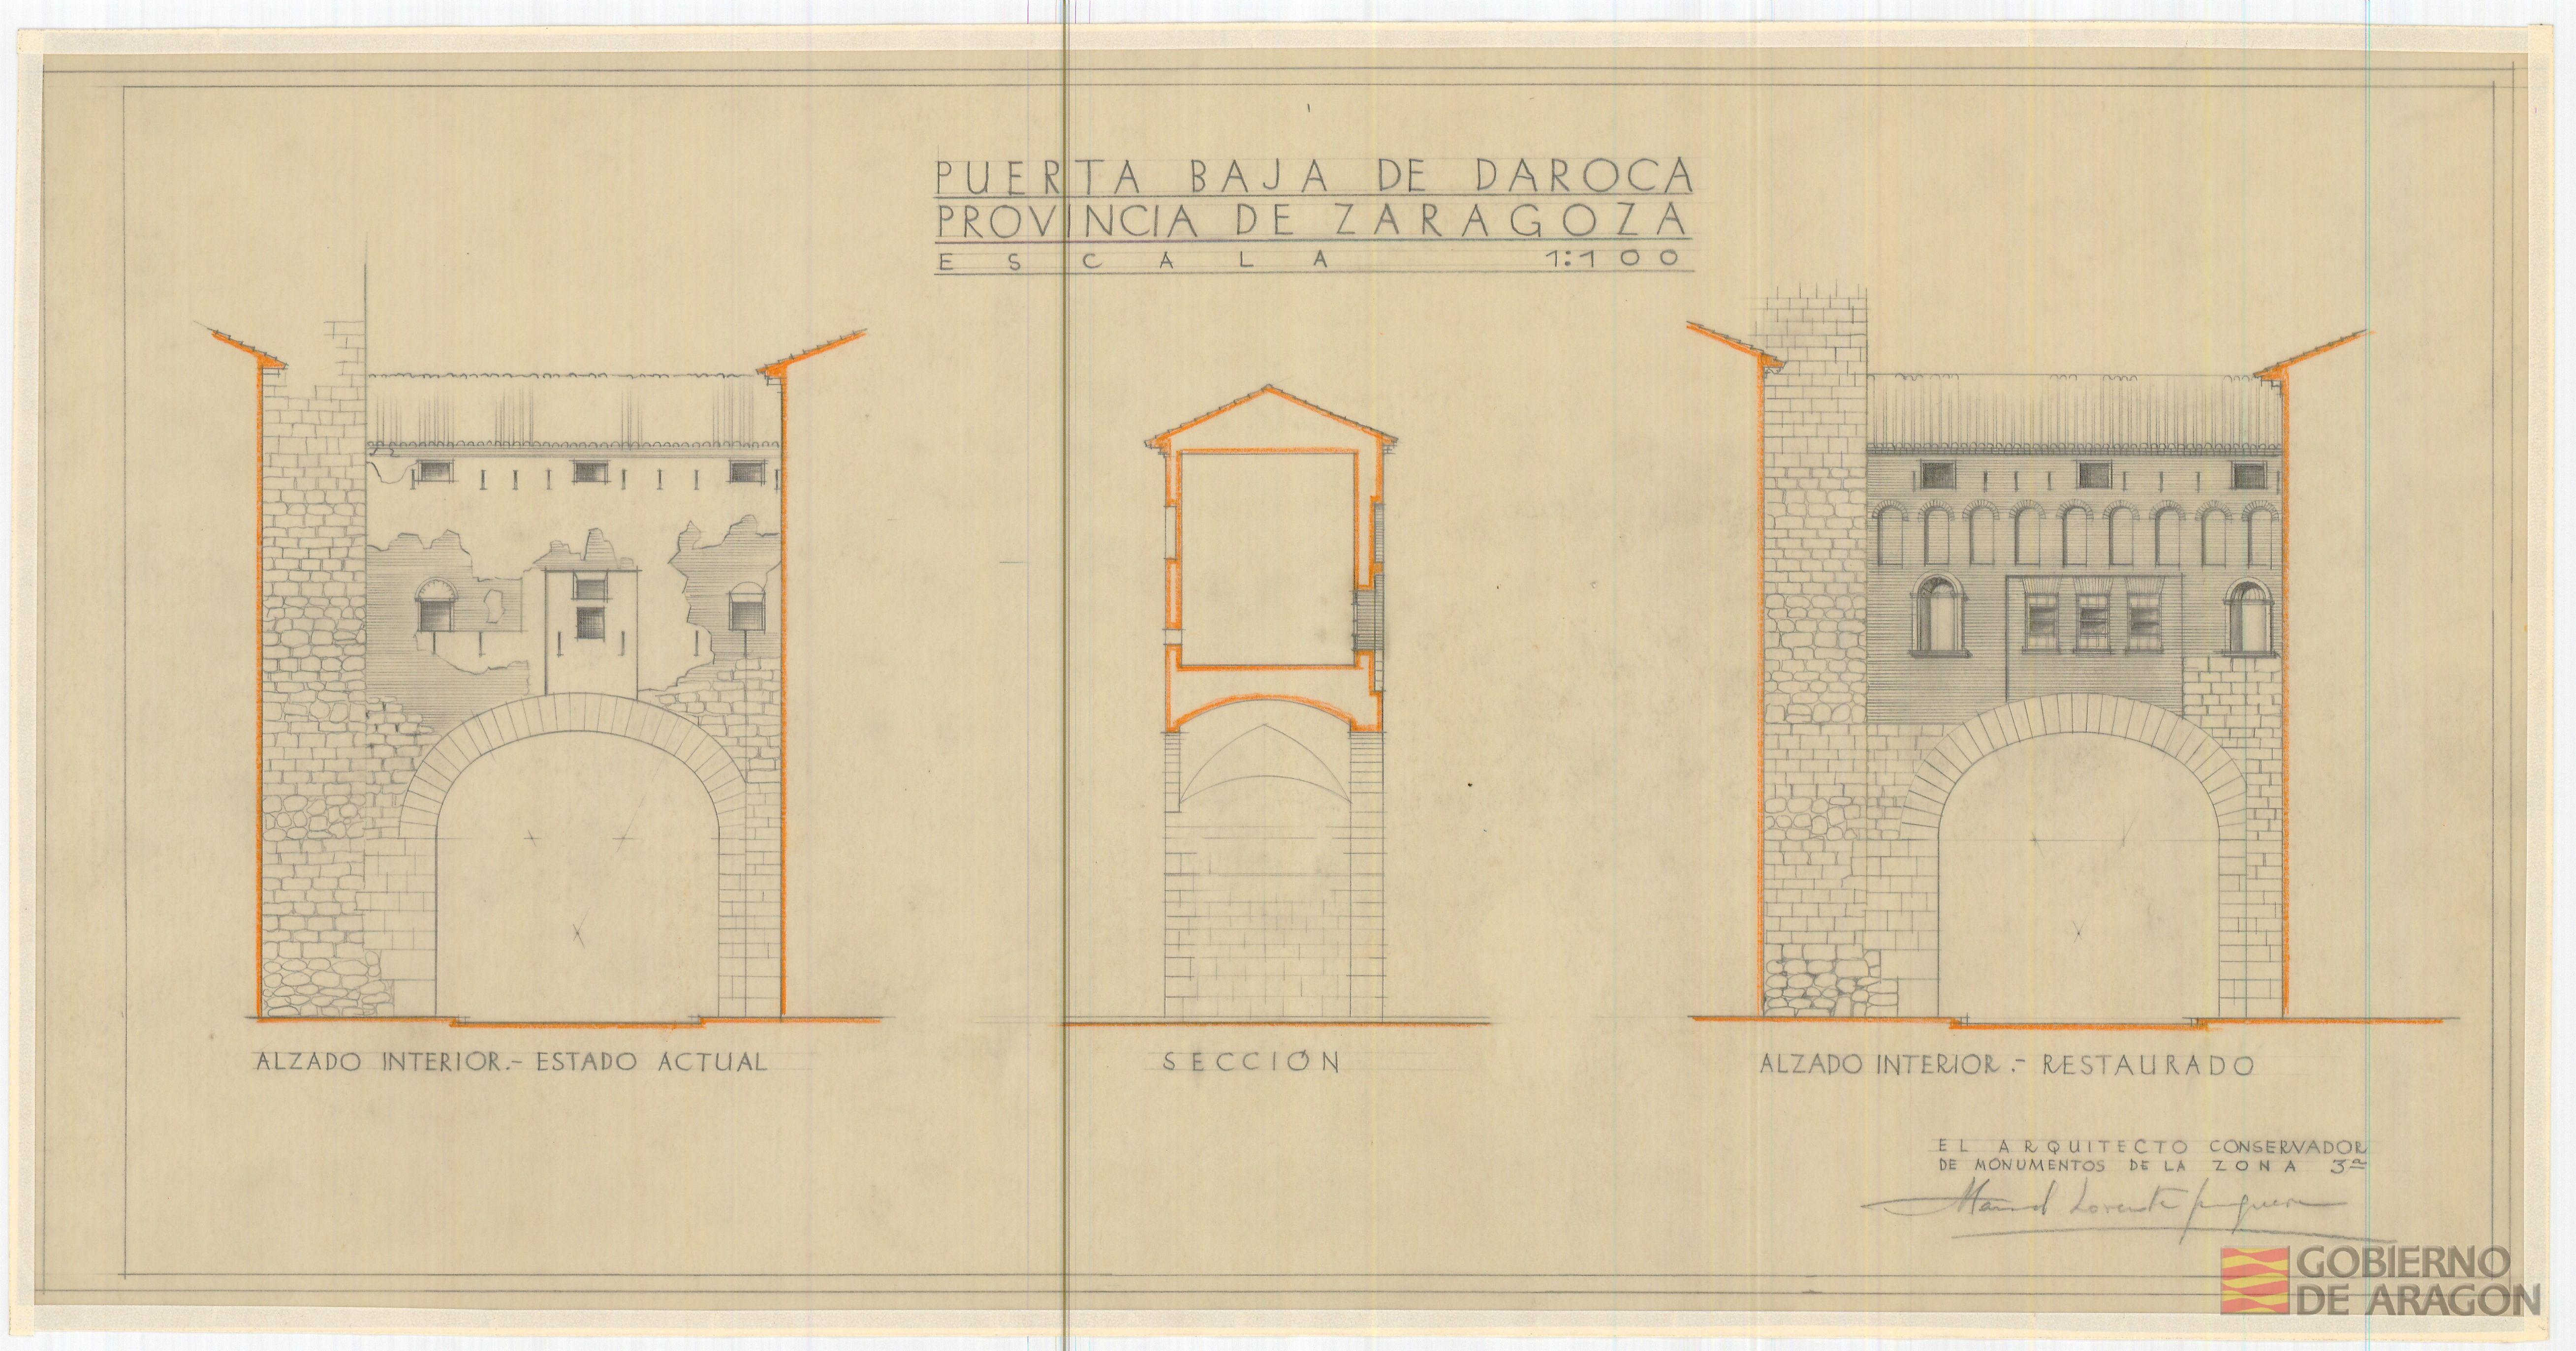 El antes y después de la Puerta Baja de Daroca según el proyecto de restauración de Manuel Lorente. AHPZ